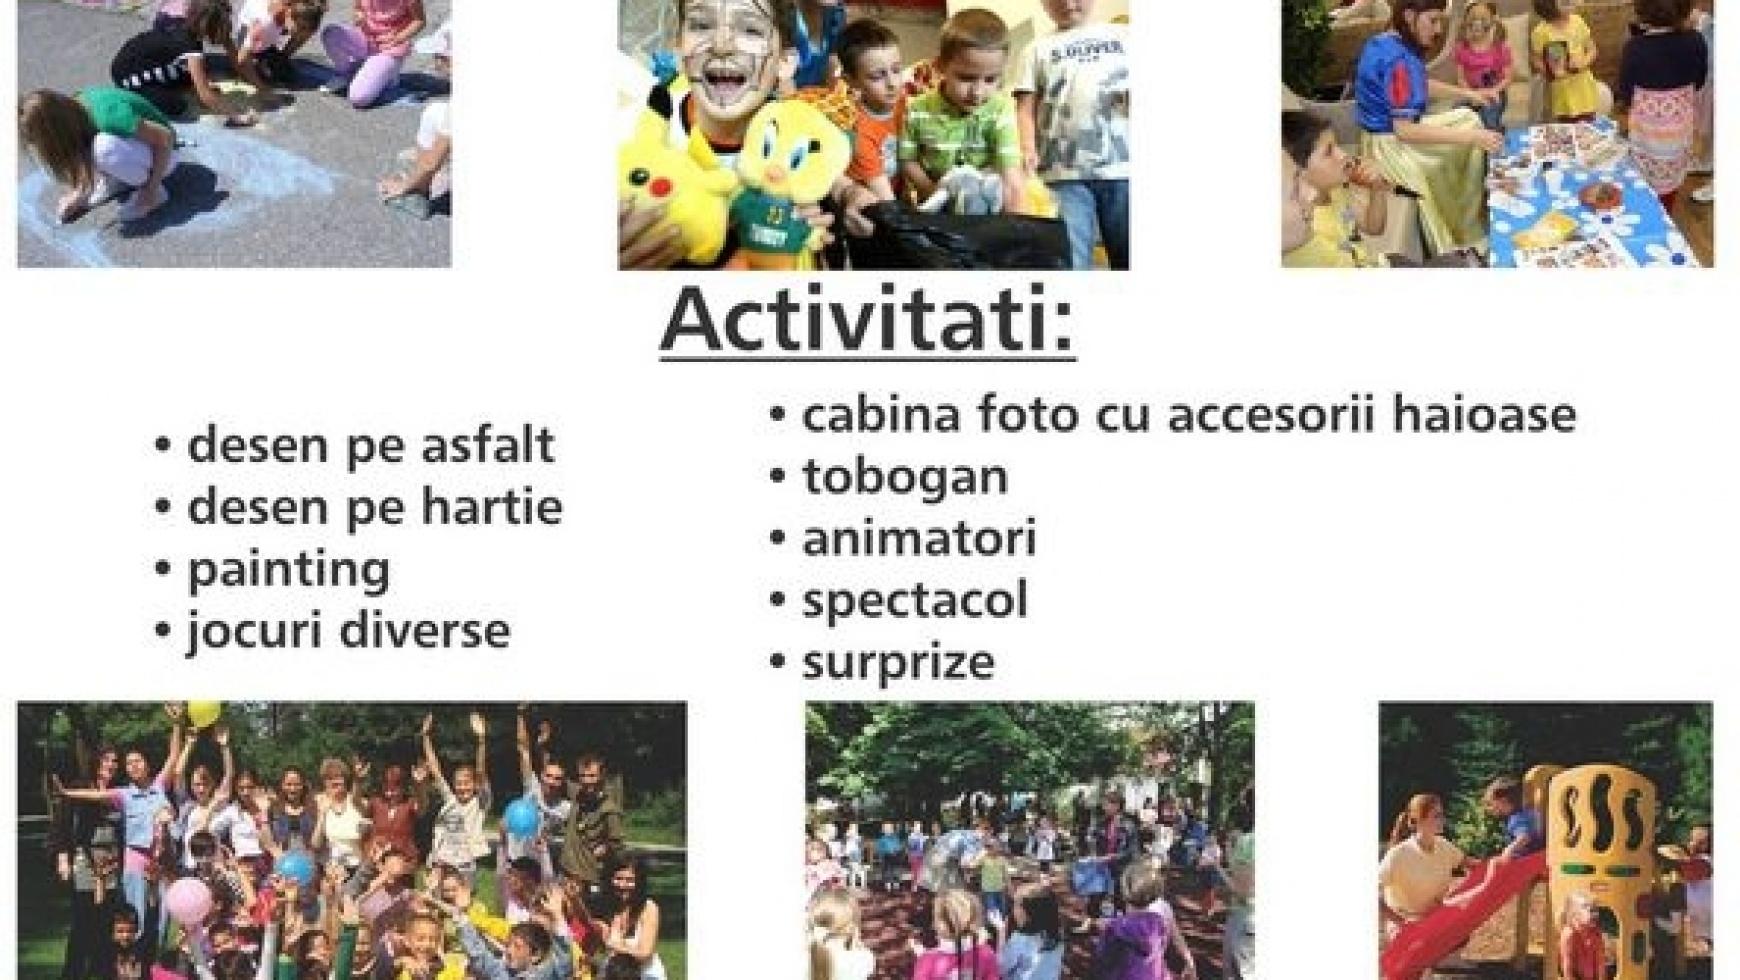 Ateliere copii 1 iunie la Apahida